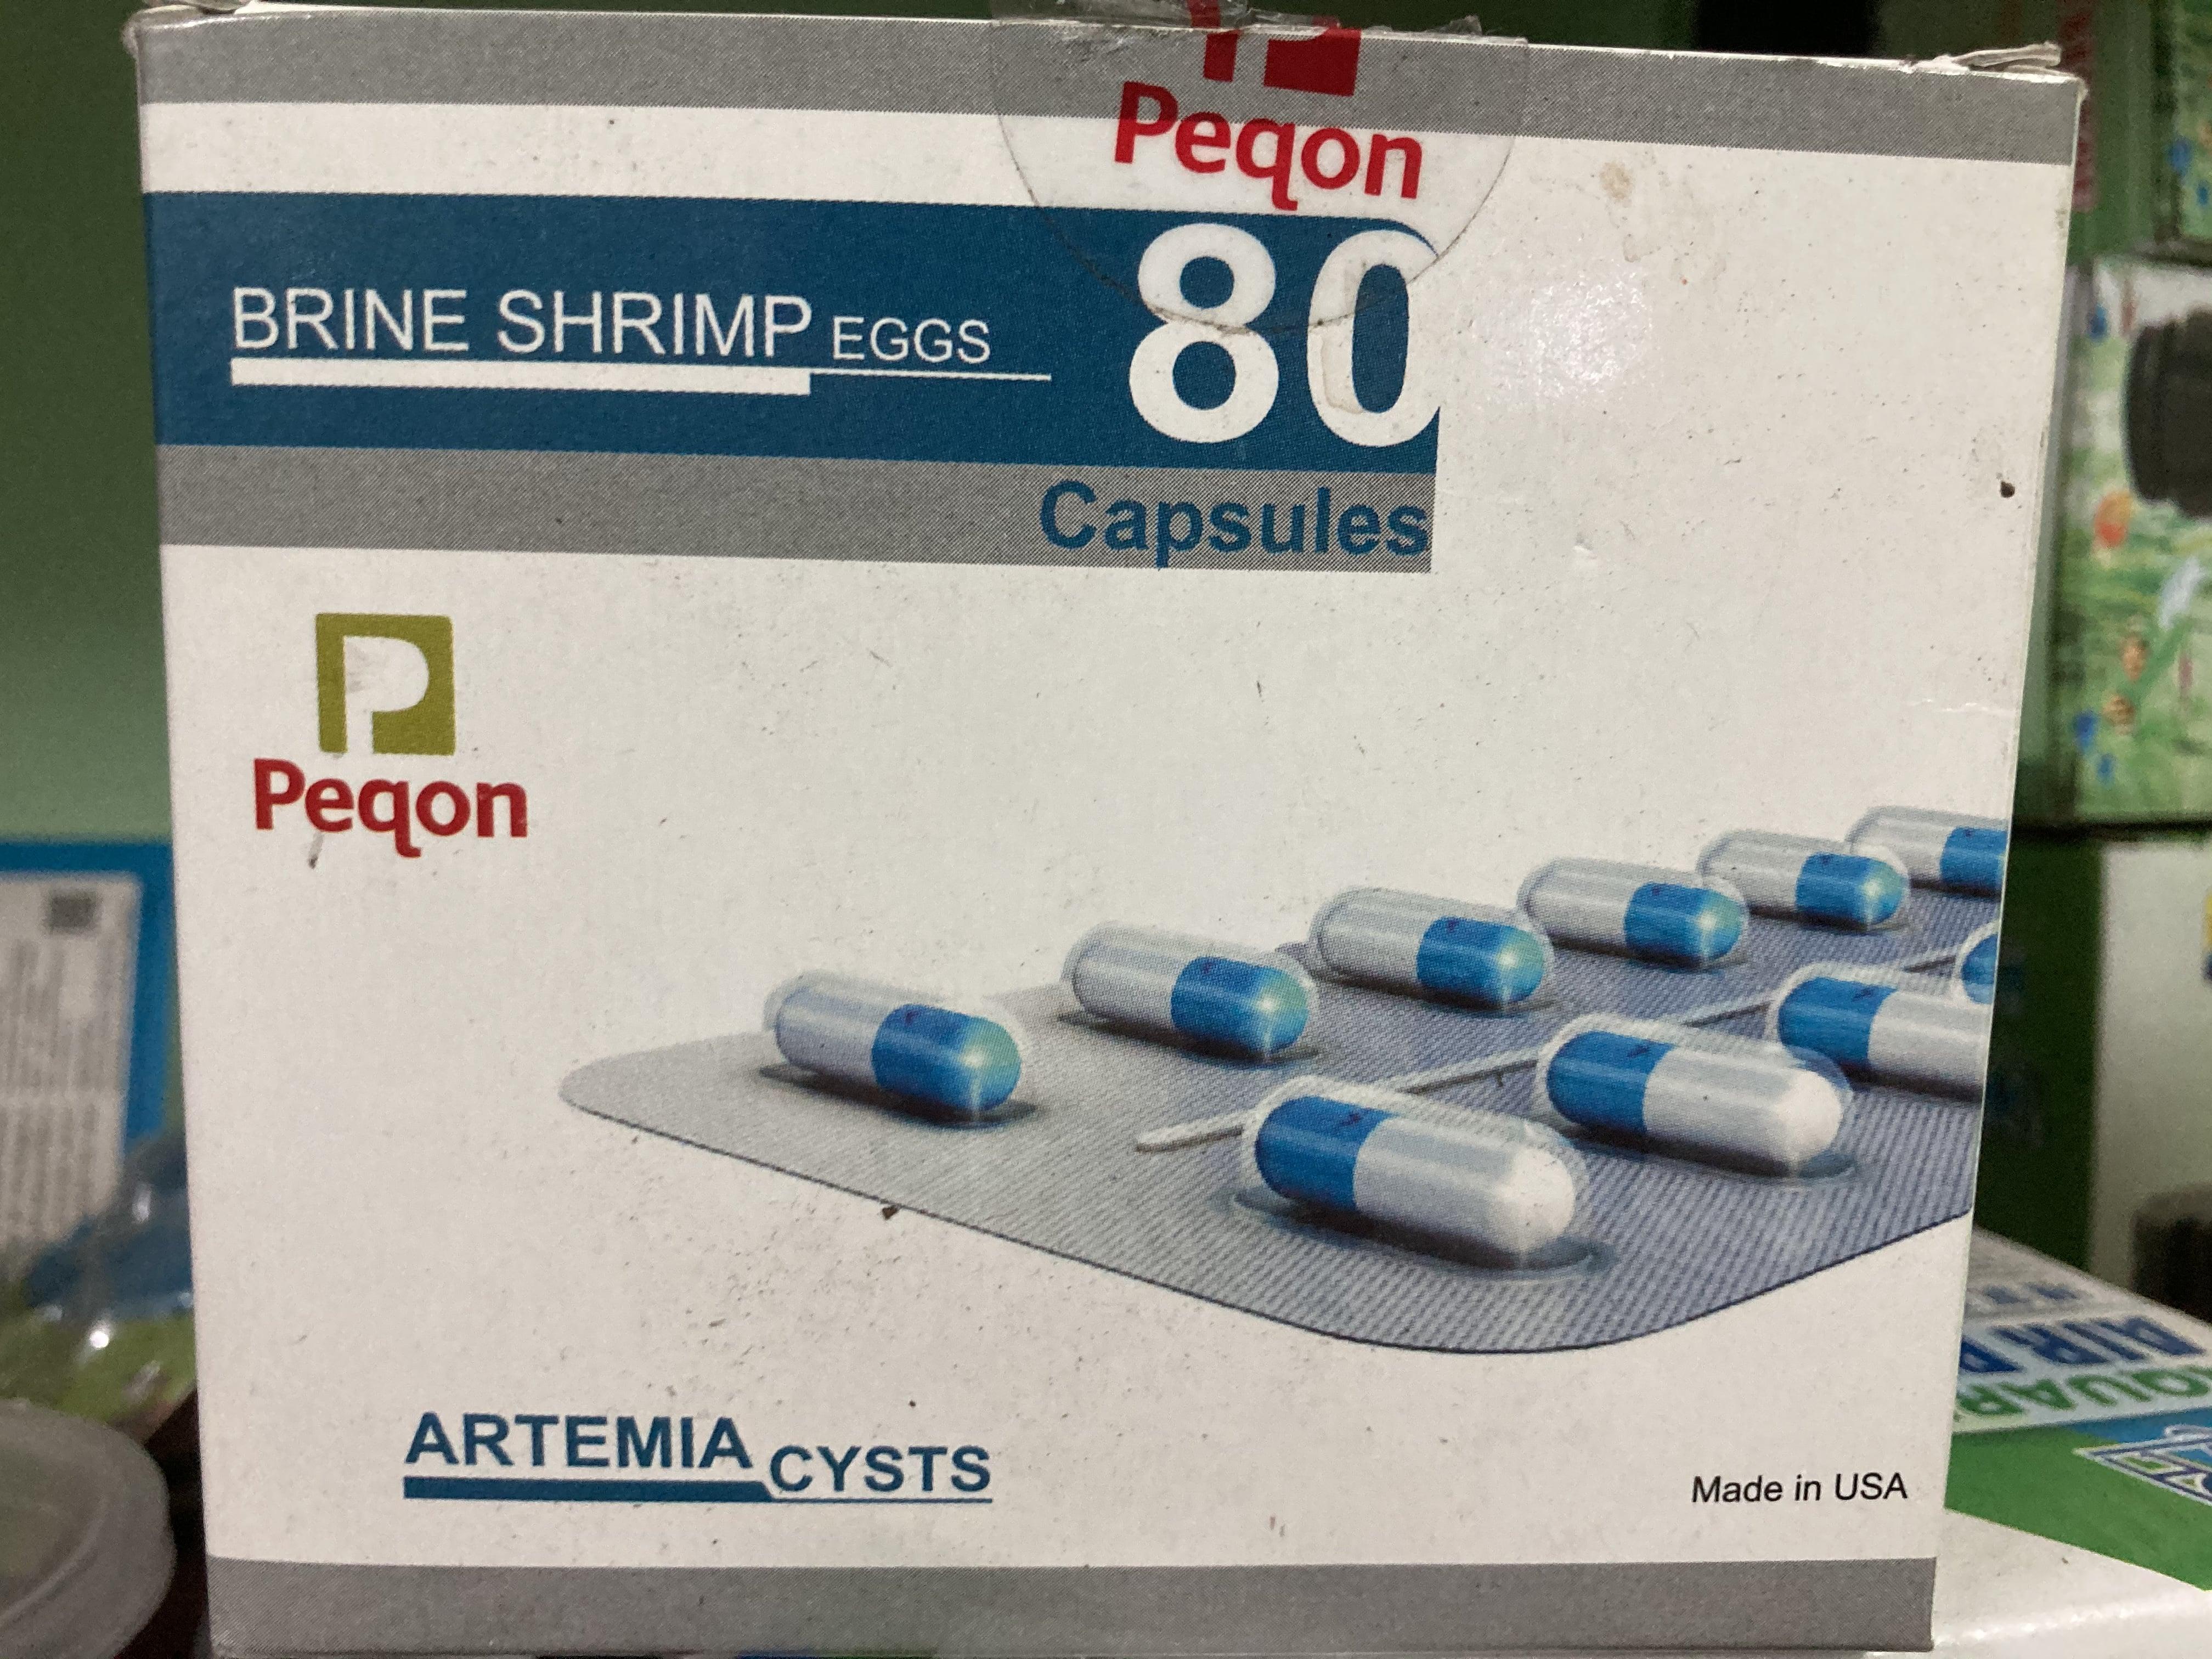 Peqon Brine shrimp eggs